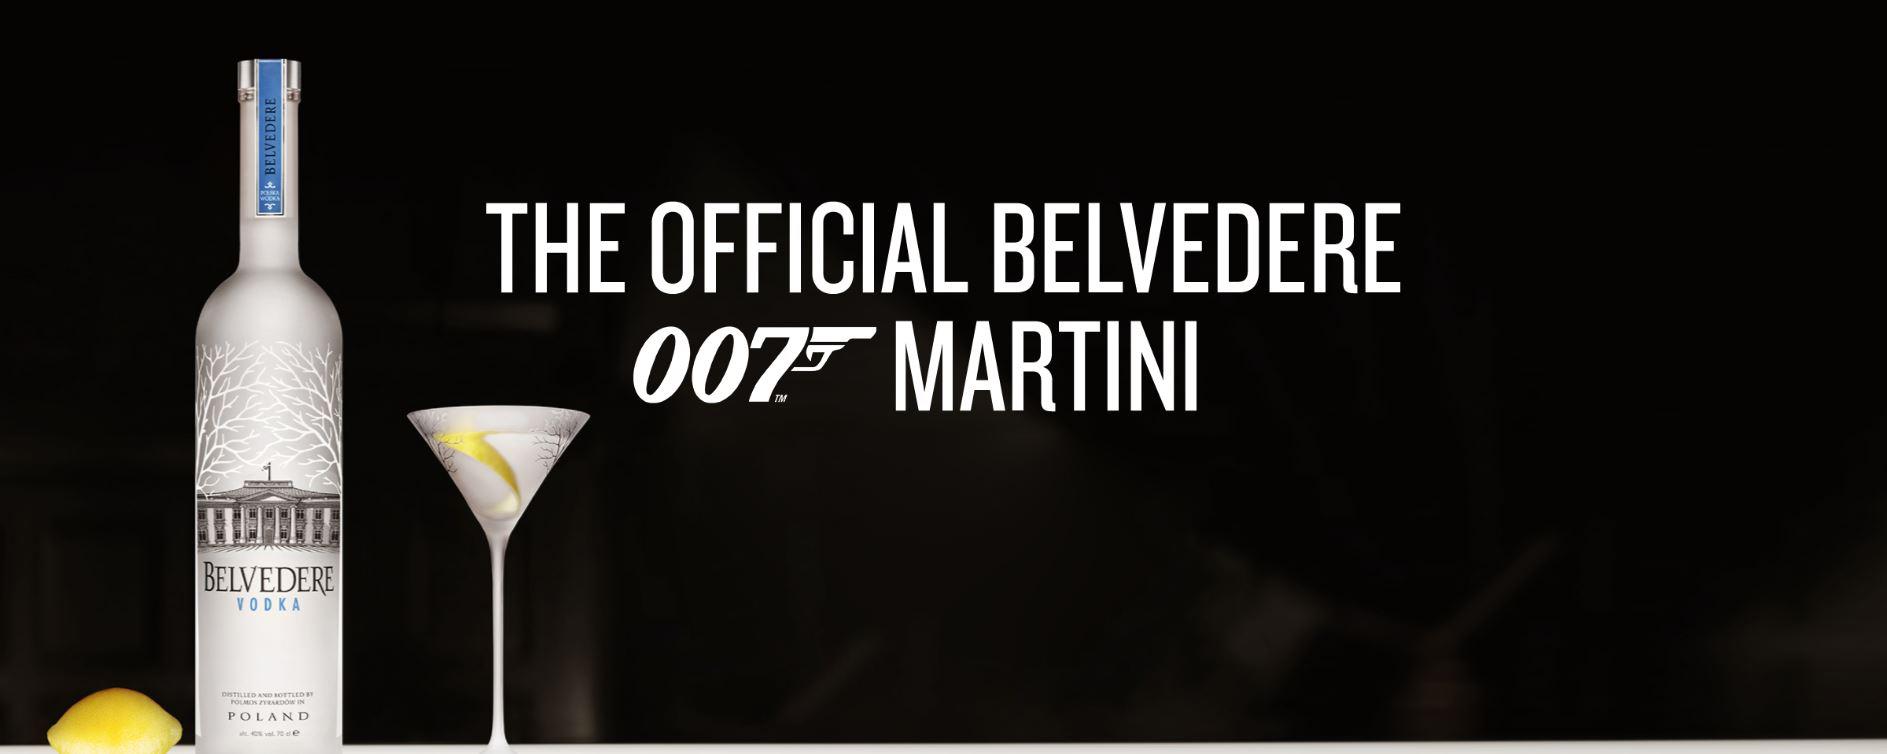 Noun Agency - Belvedere Spectre 007 - Case Study